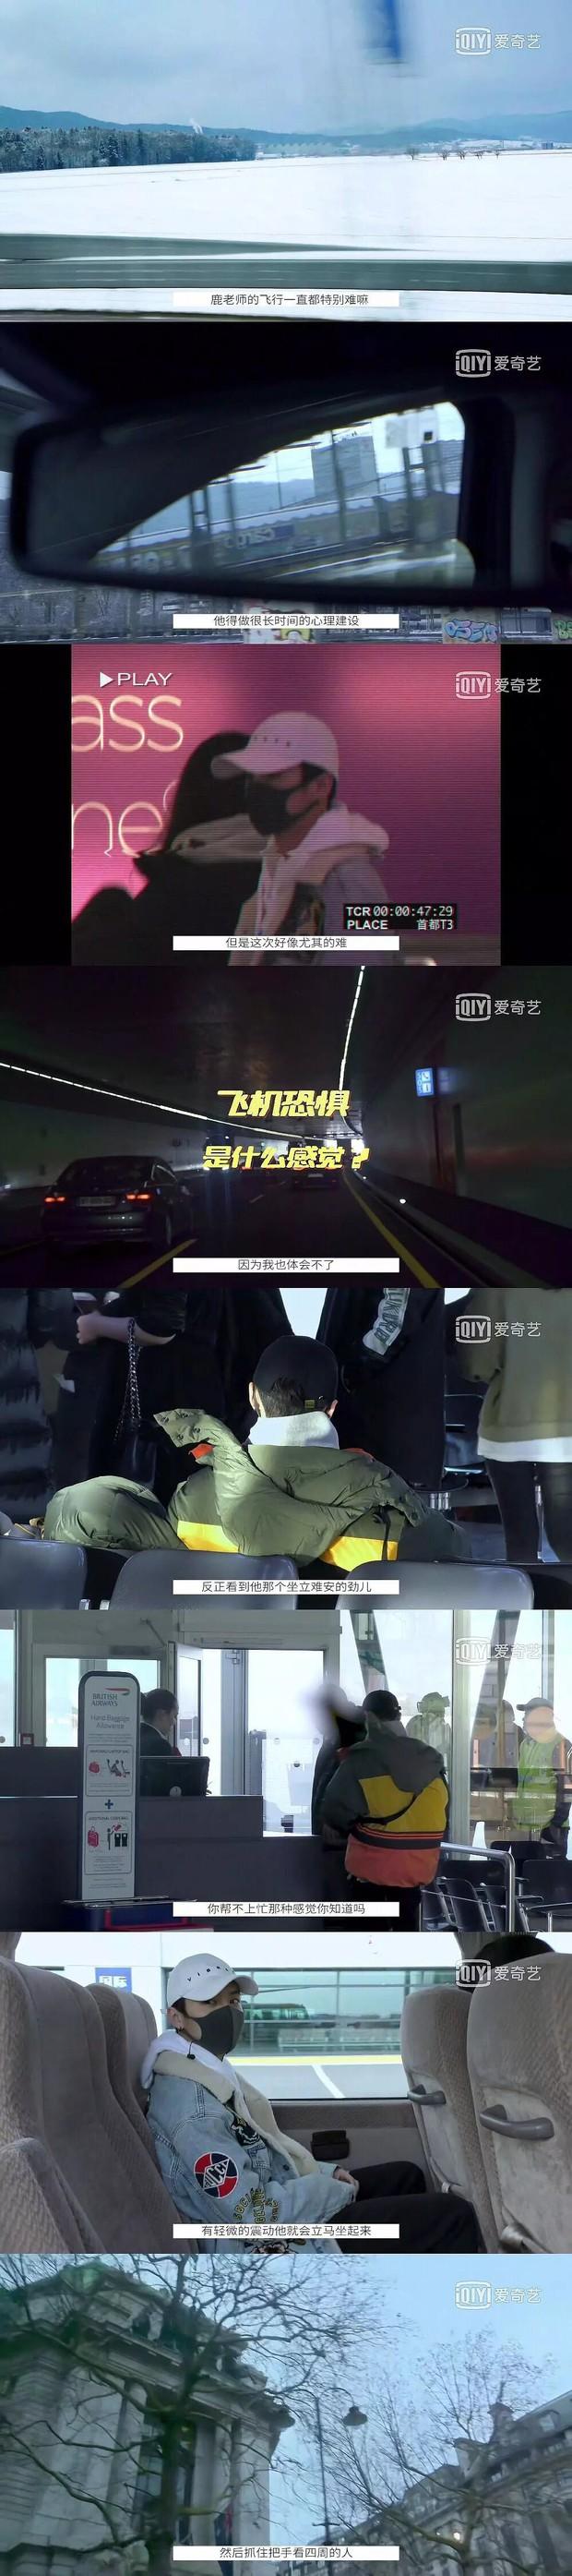 Hot nhất Weibo: Luhan công khai cảm ơn Tao - Ngô Diệc Phàm trên sóng truyền hình vì 1 lý do cảm động - Ảnh 4.